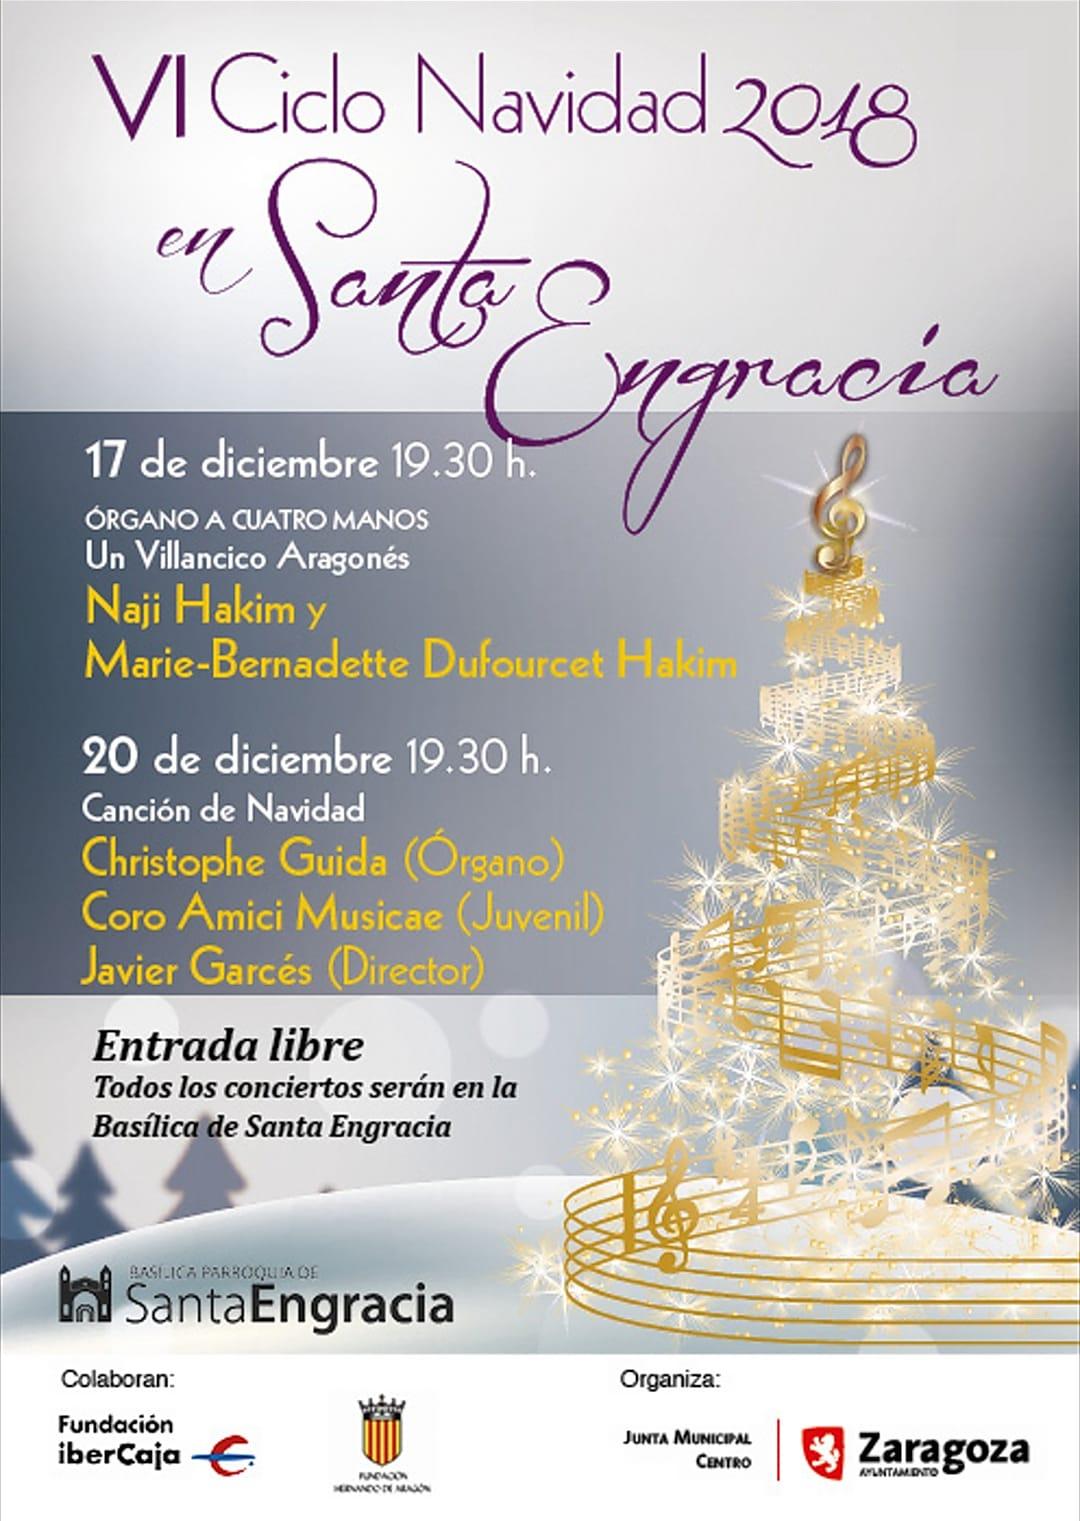 Ciclo Navidad en Santa Engracia